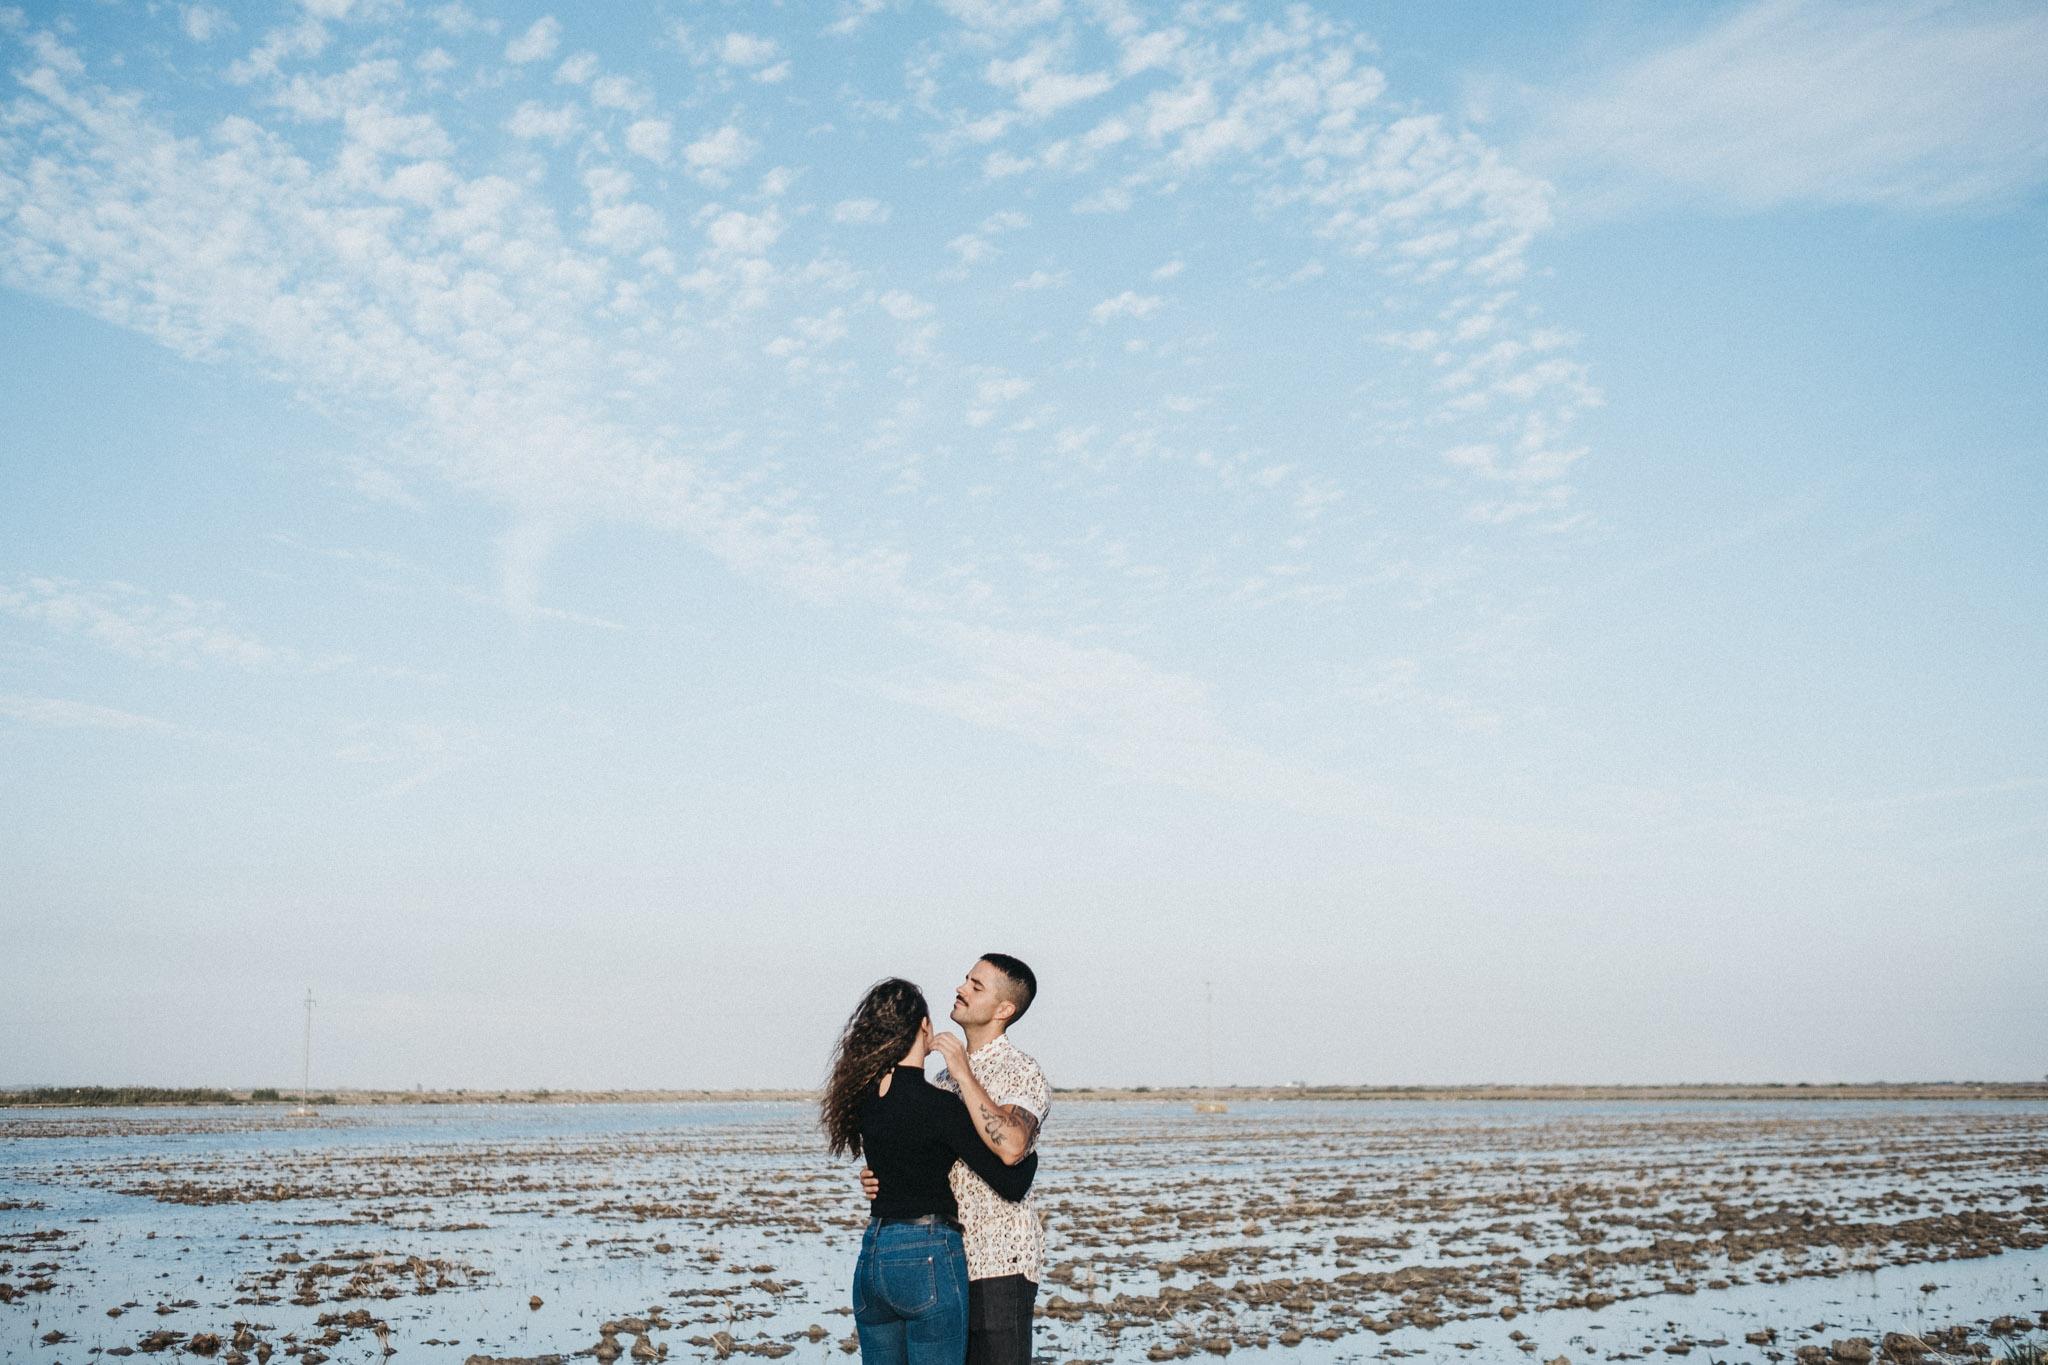 Diego&Lola_DFW_Wedding_Photography_12.jpg